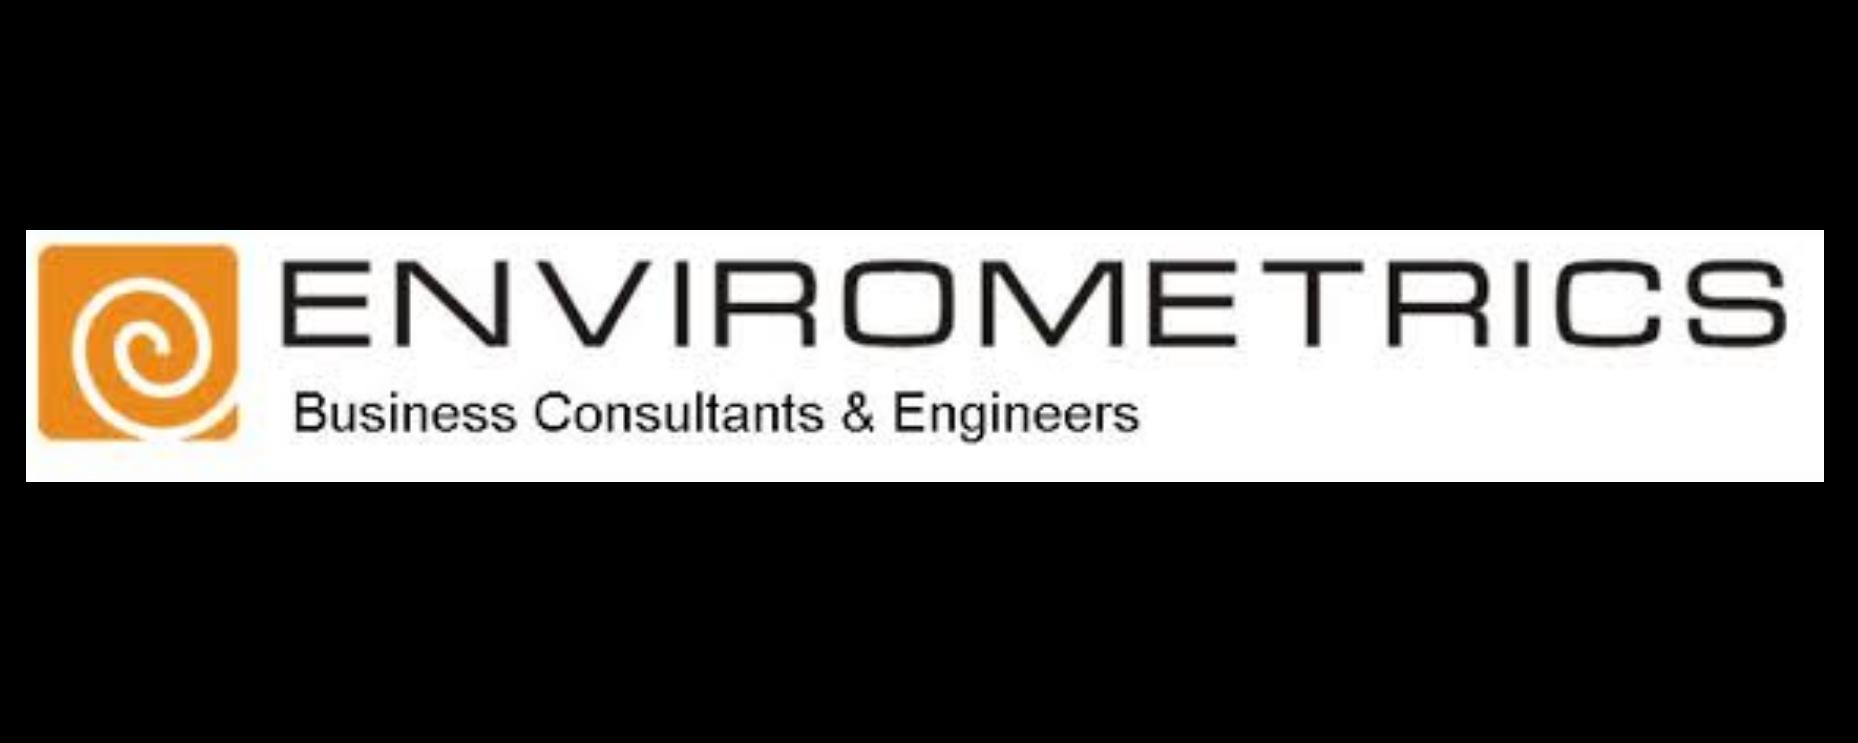 Envirometrics